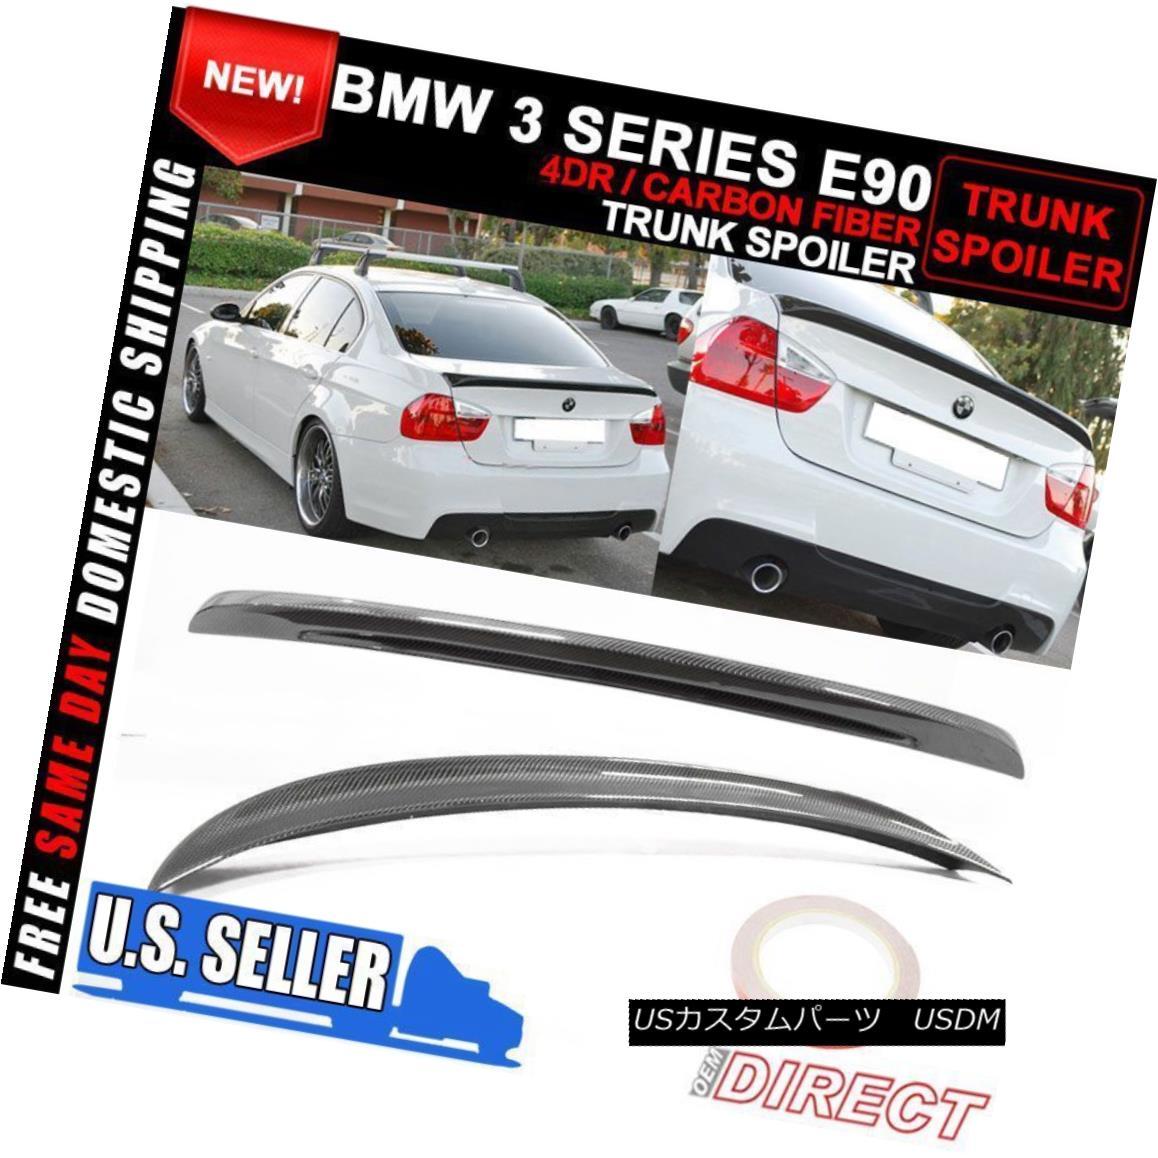 エアロパーツ 06-11 BMW 3 Series E90 M3 Style Rear Trunk Spoiler Carbon Fiber CF 06-11 BMW 3シリーズE90 M3スタイルリアトランク・スポイラーカーボンファイバーCF